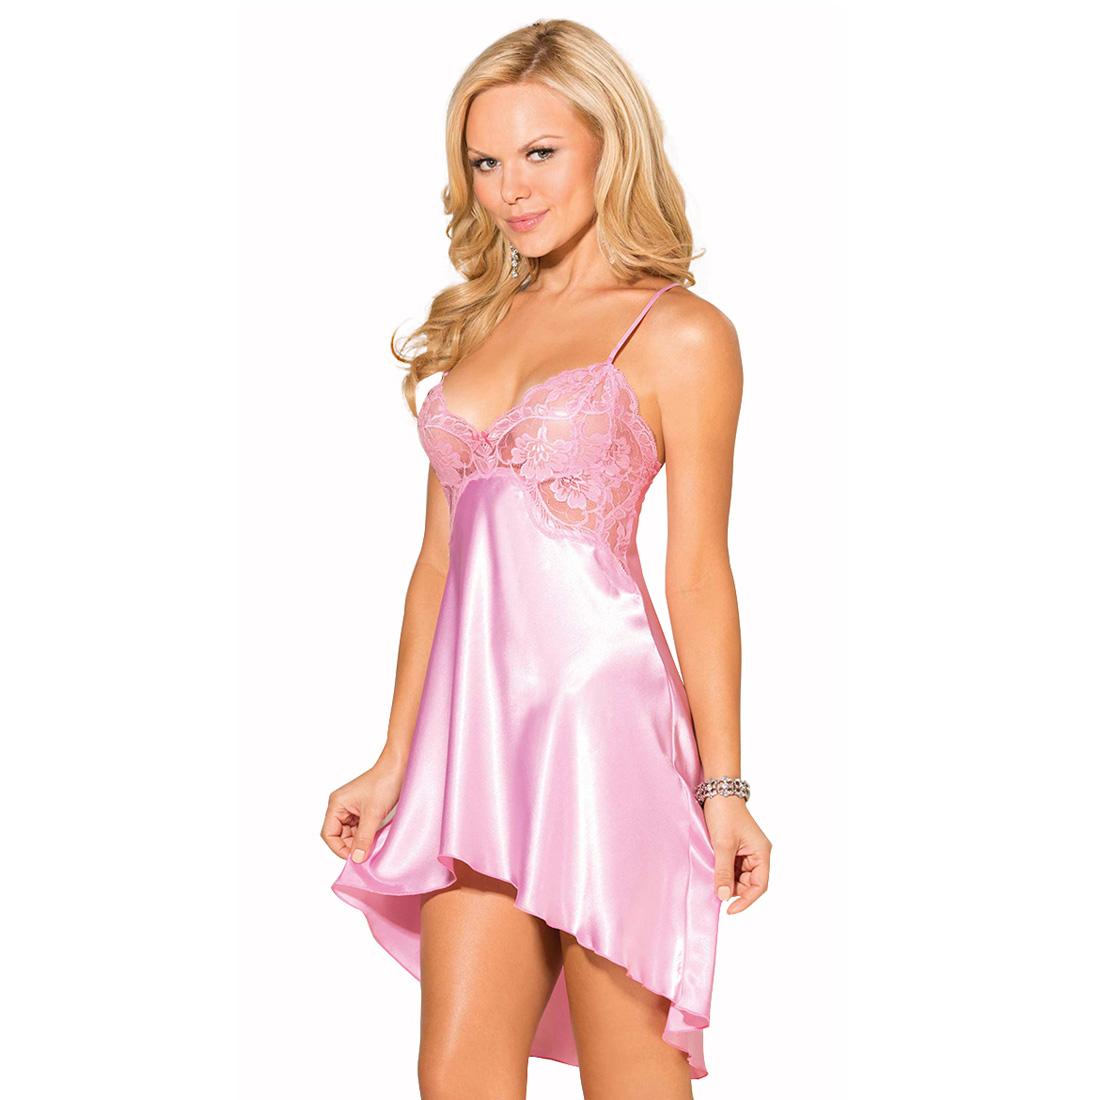 Galerry slip dress undergarment